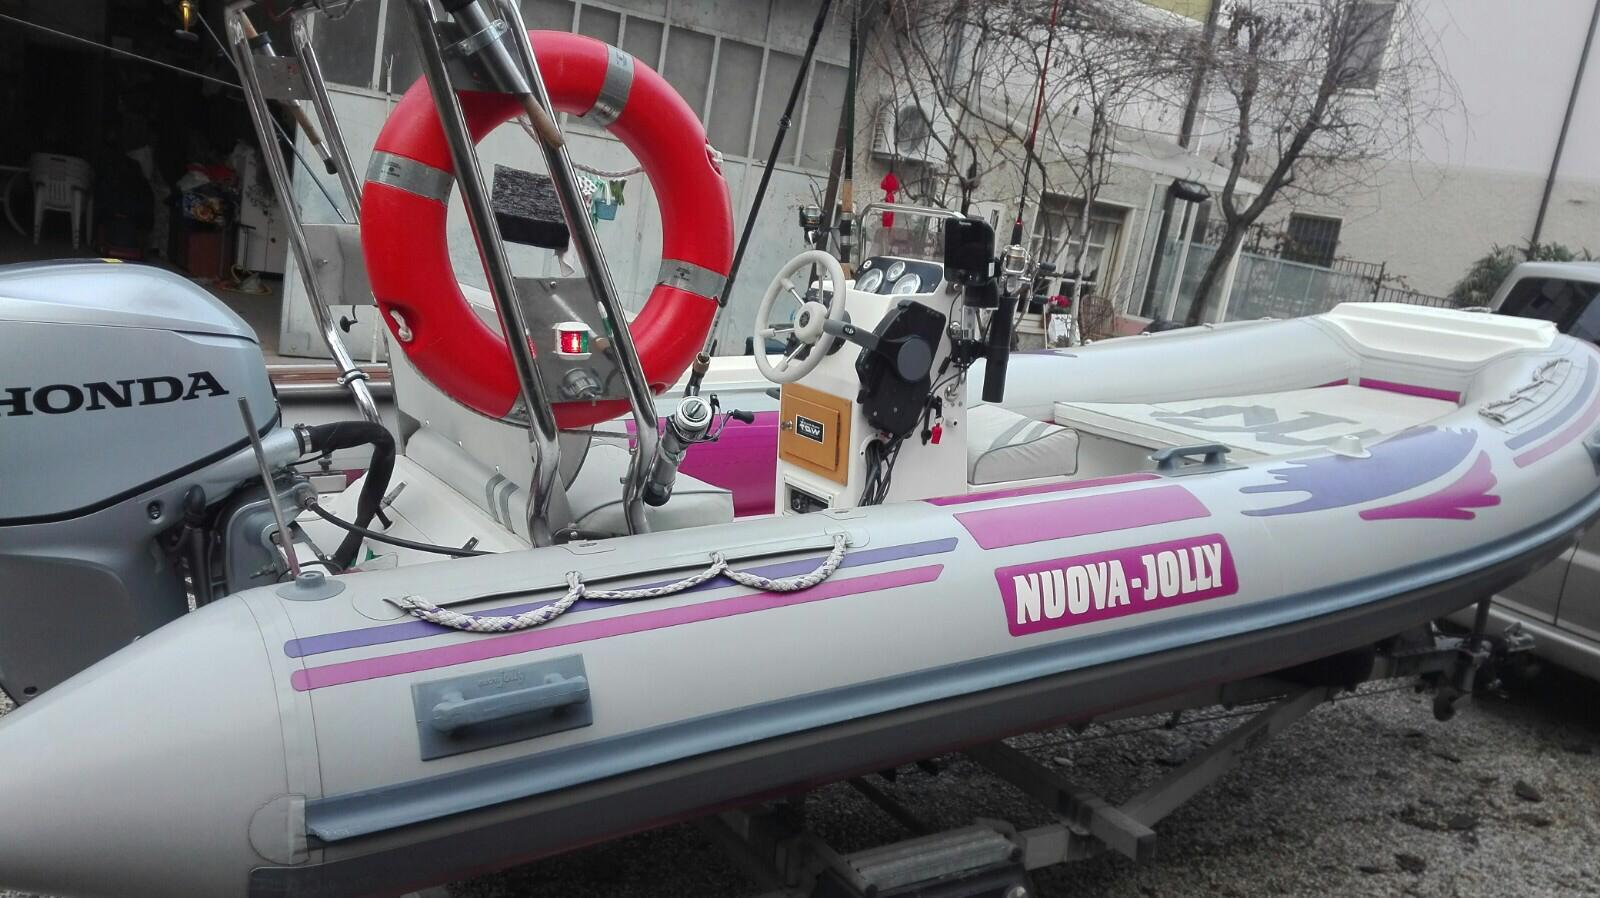 Foto Gommone Nuova Jolly 5 metri con carrello stradale - 1